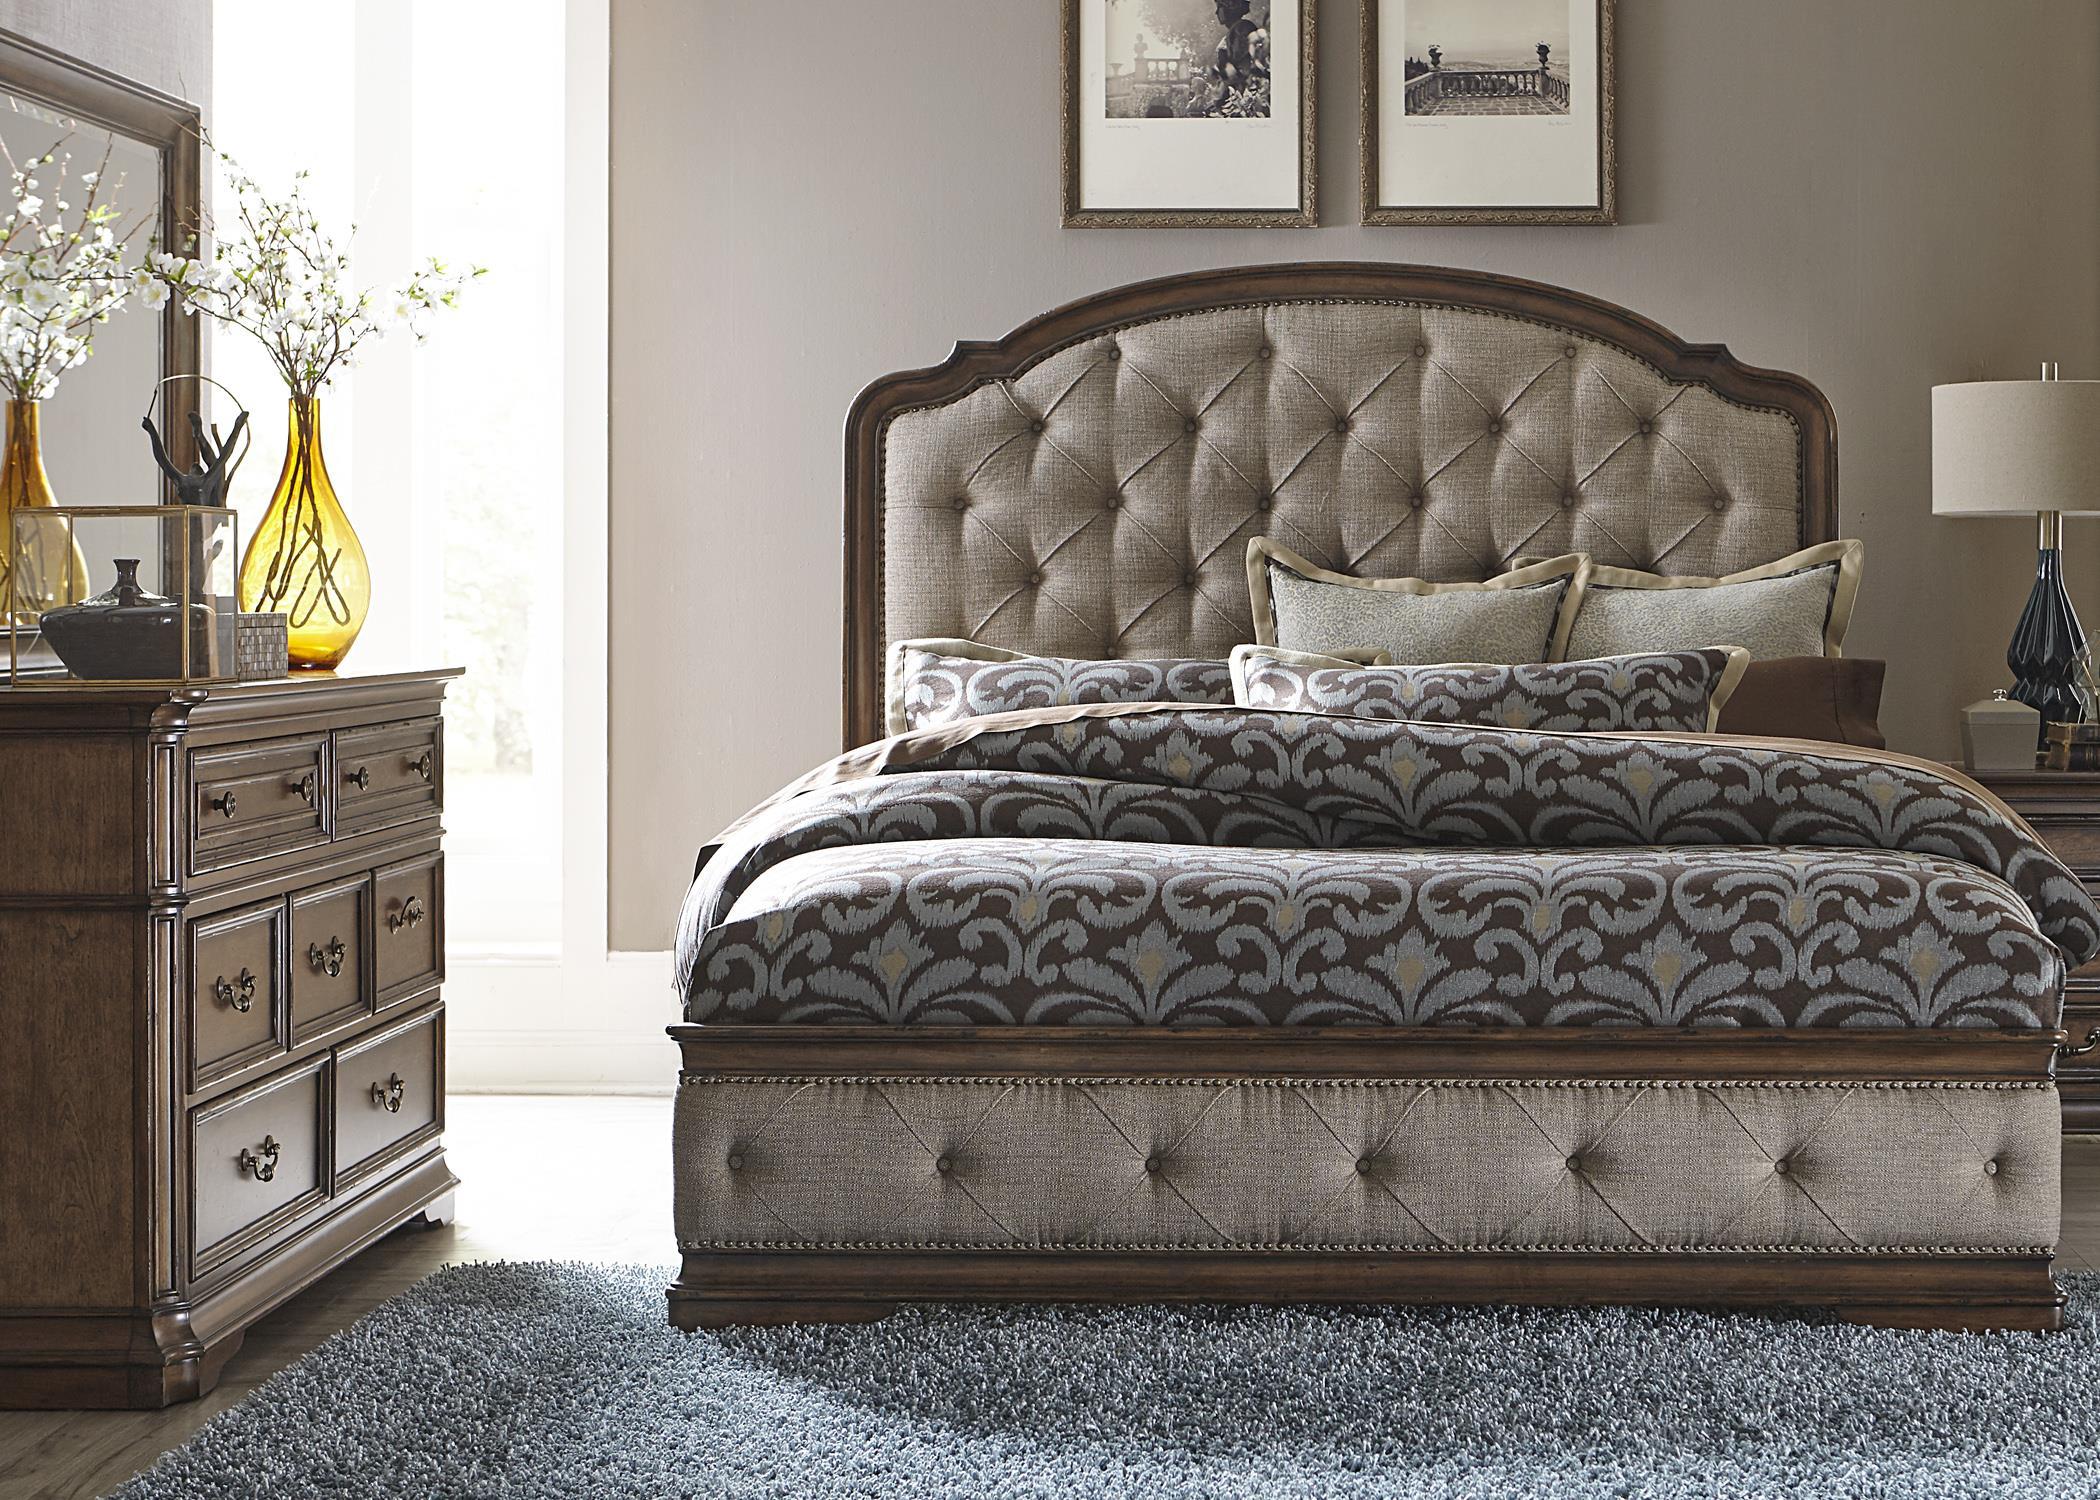 Liberty Furniture Amelia Queen Bedroom Group Miskelly Furniture Bedroom Groups